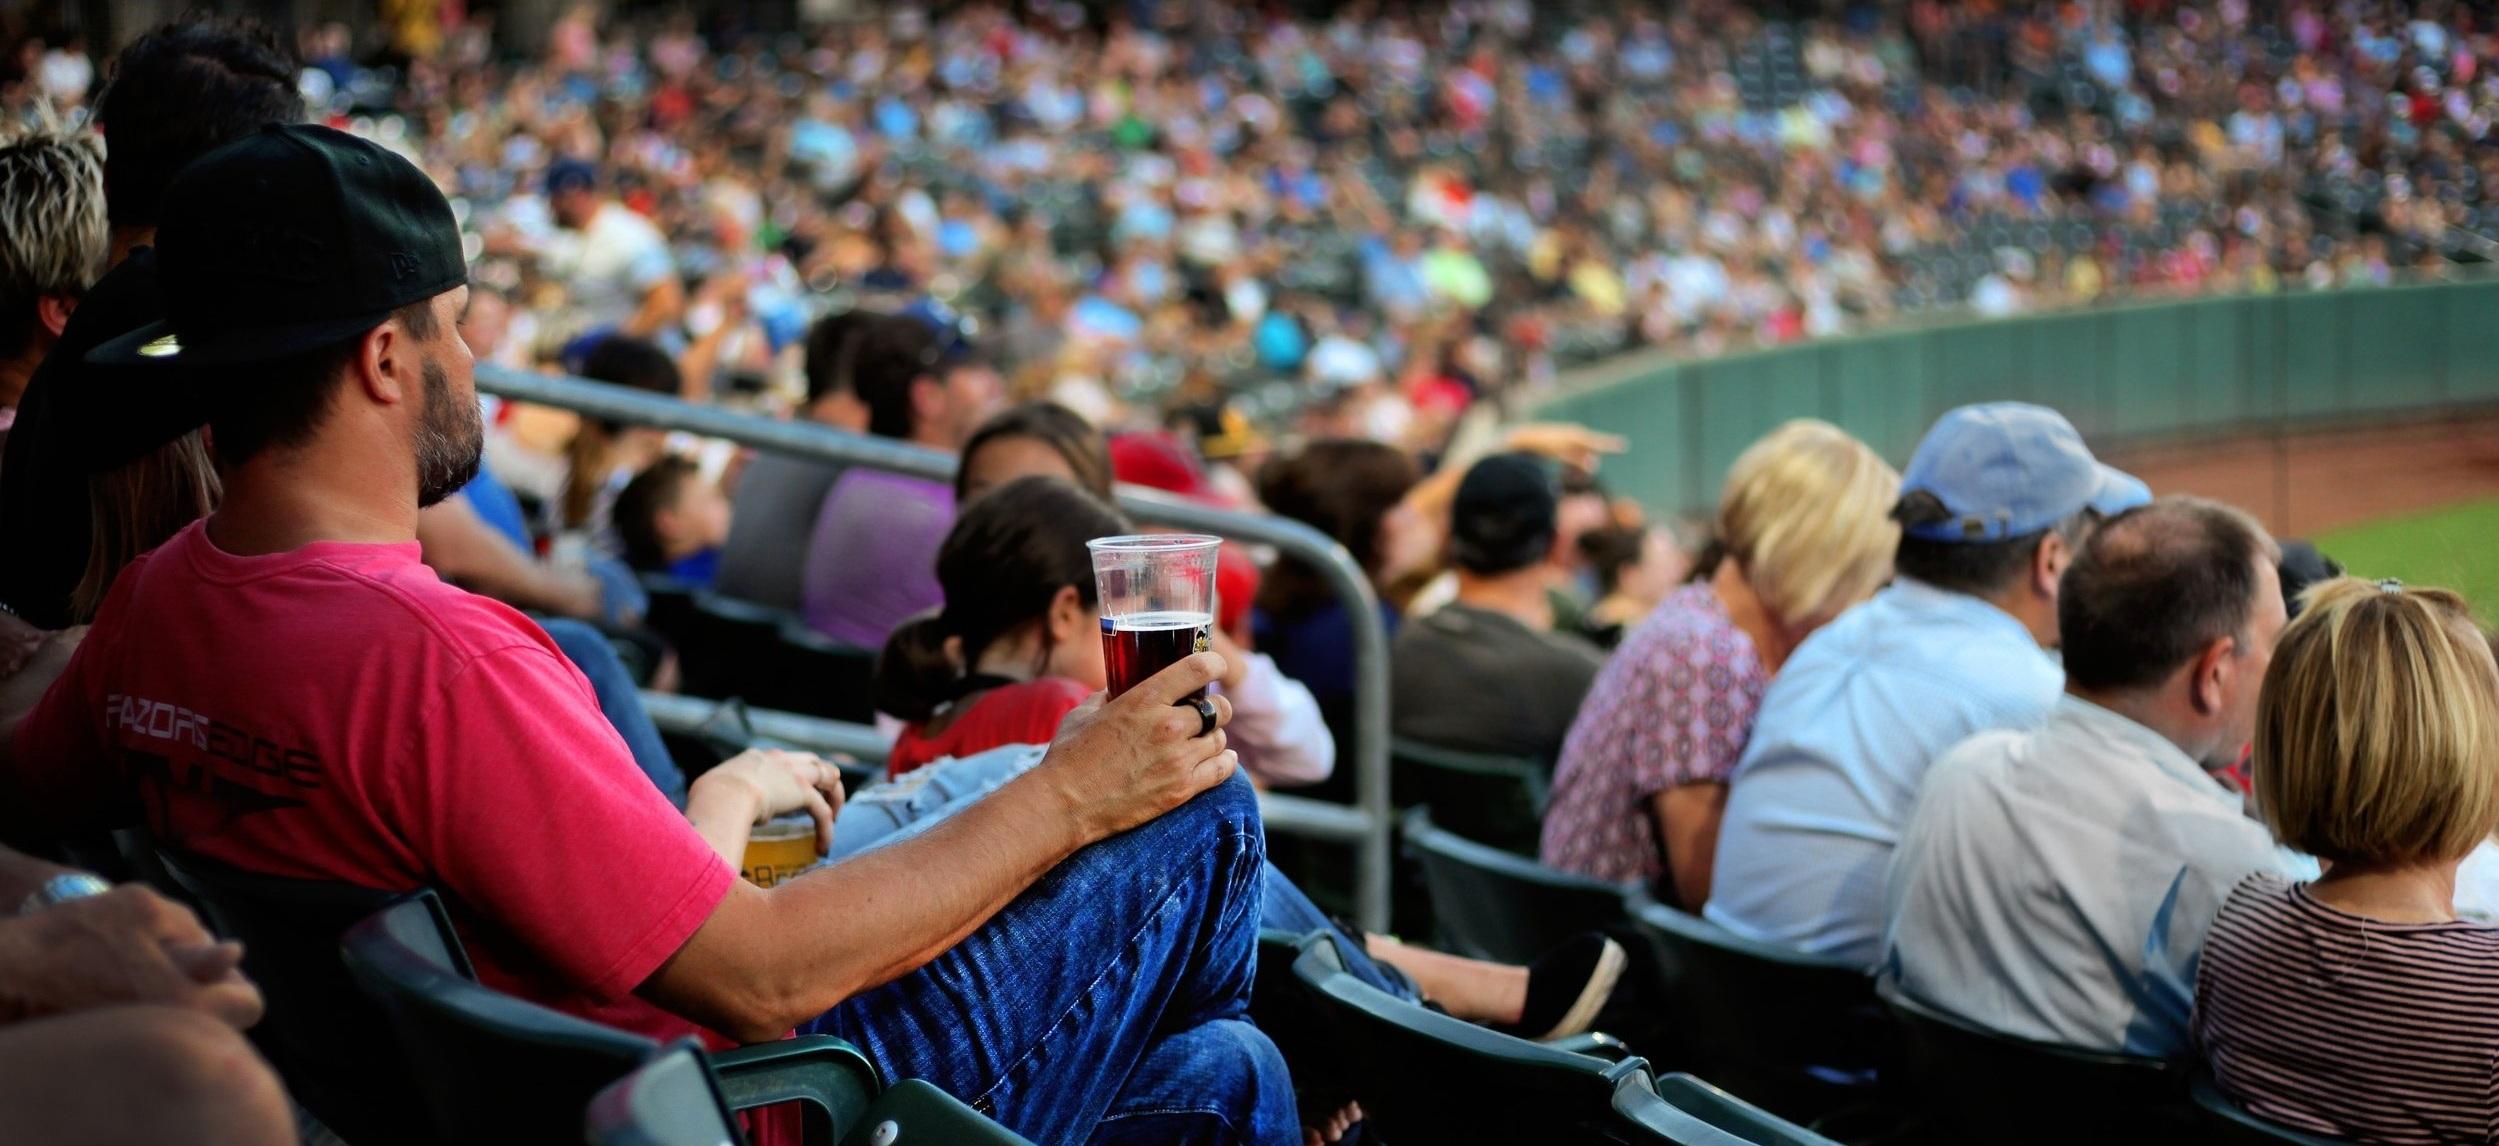 audience-bleachers-crowd-2713844.jpg